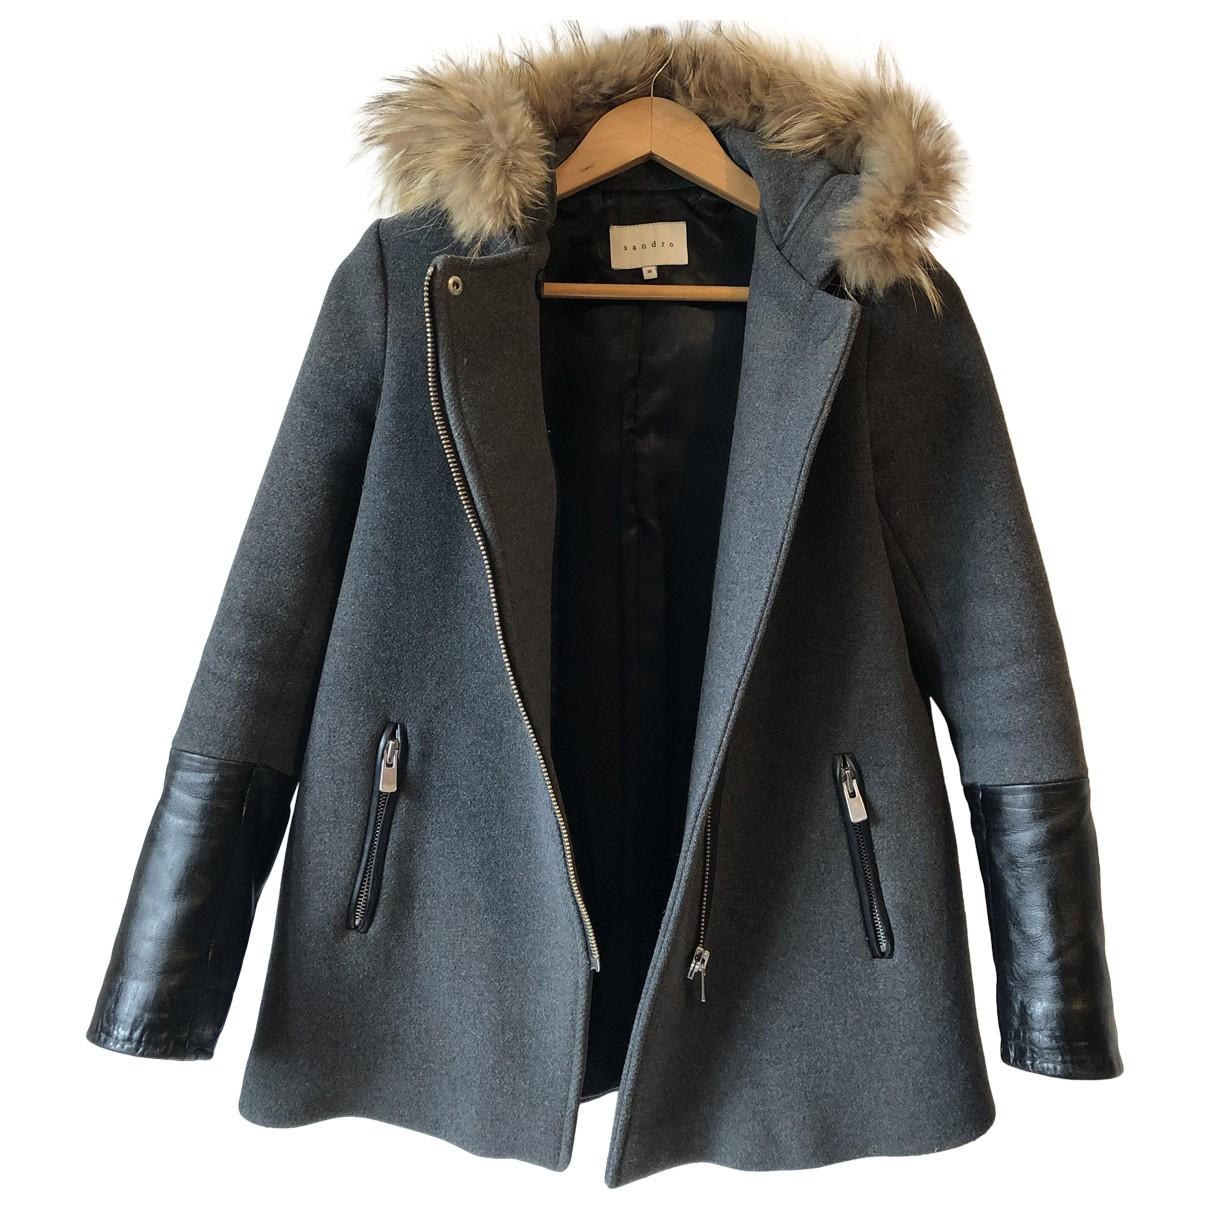 Sandro - Manteau   pour femme en laine - gris